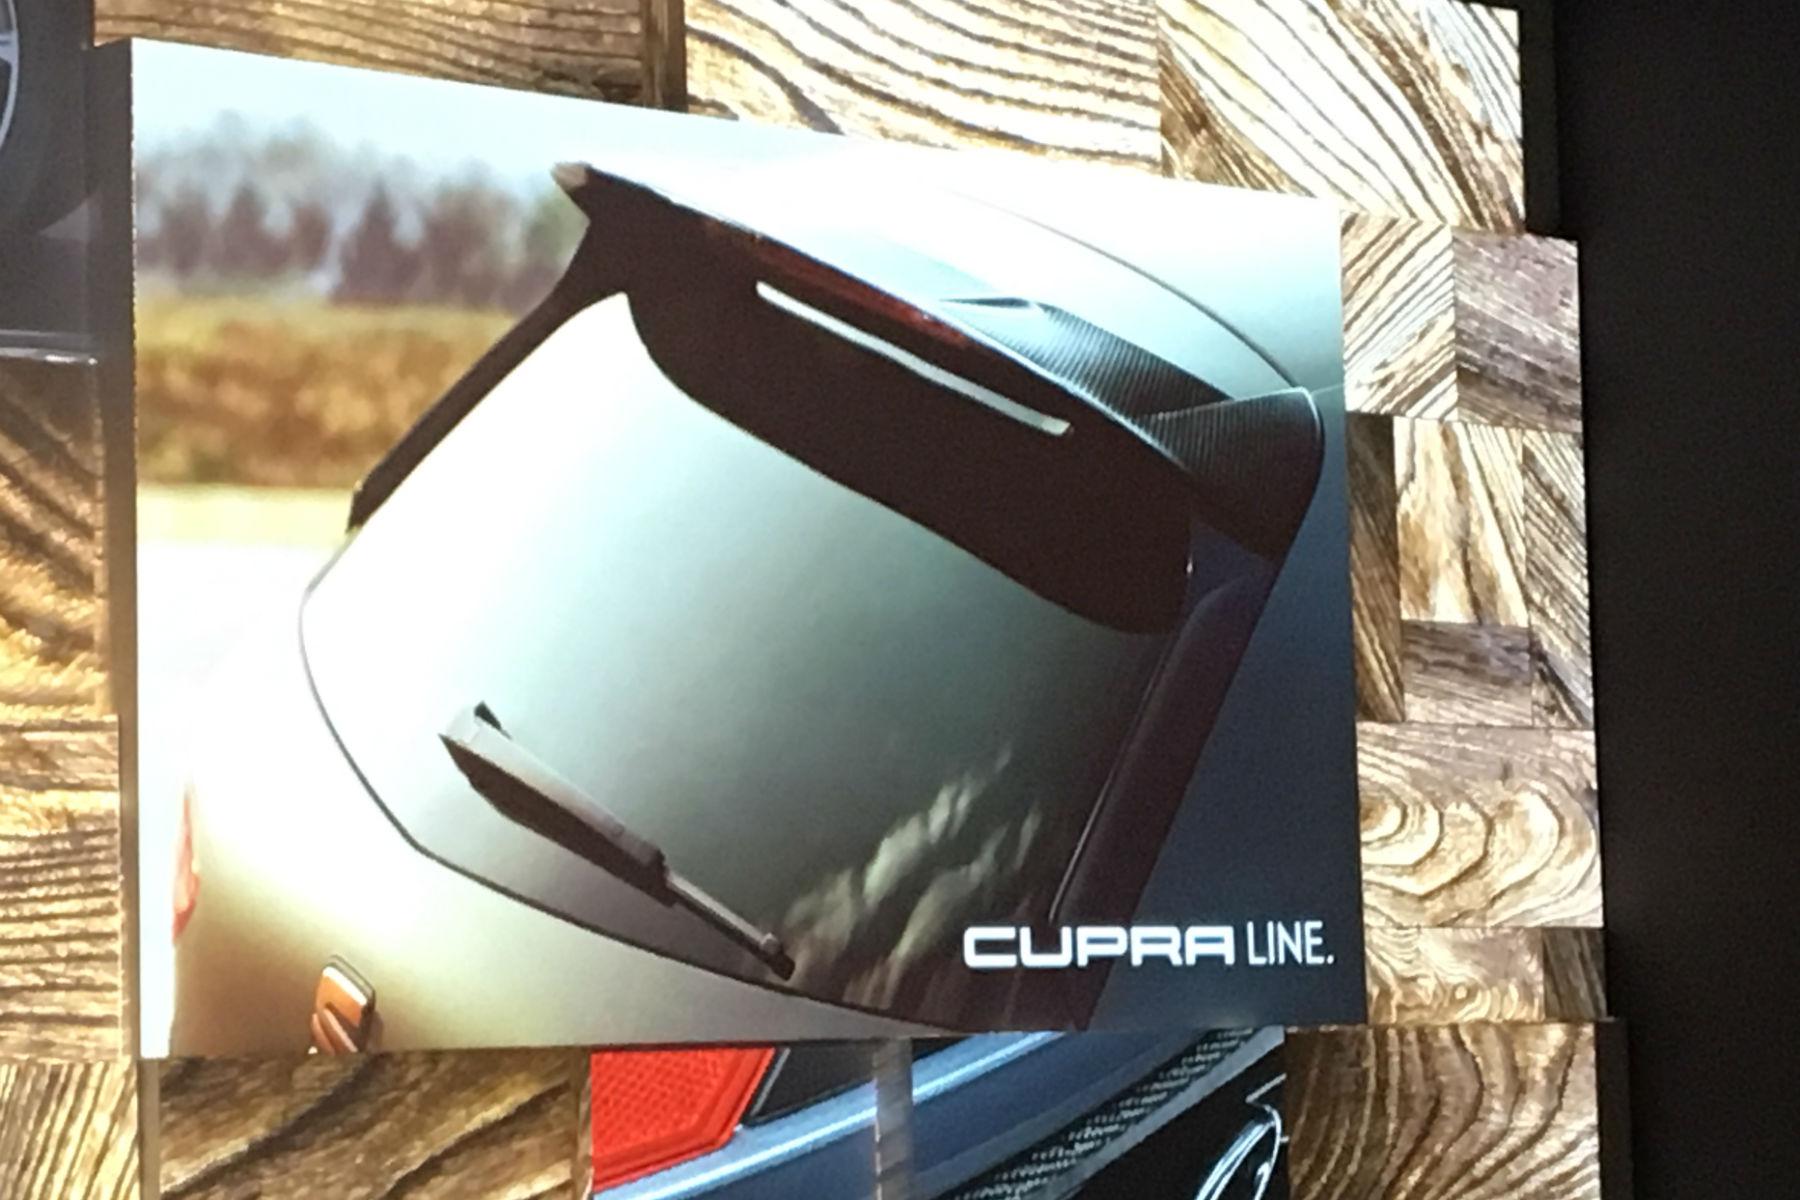 Cupra Line